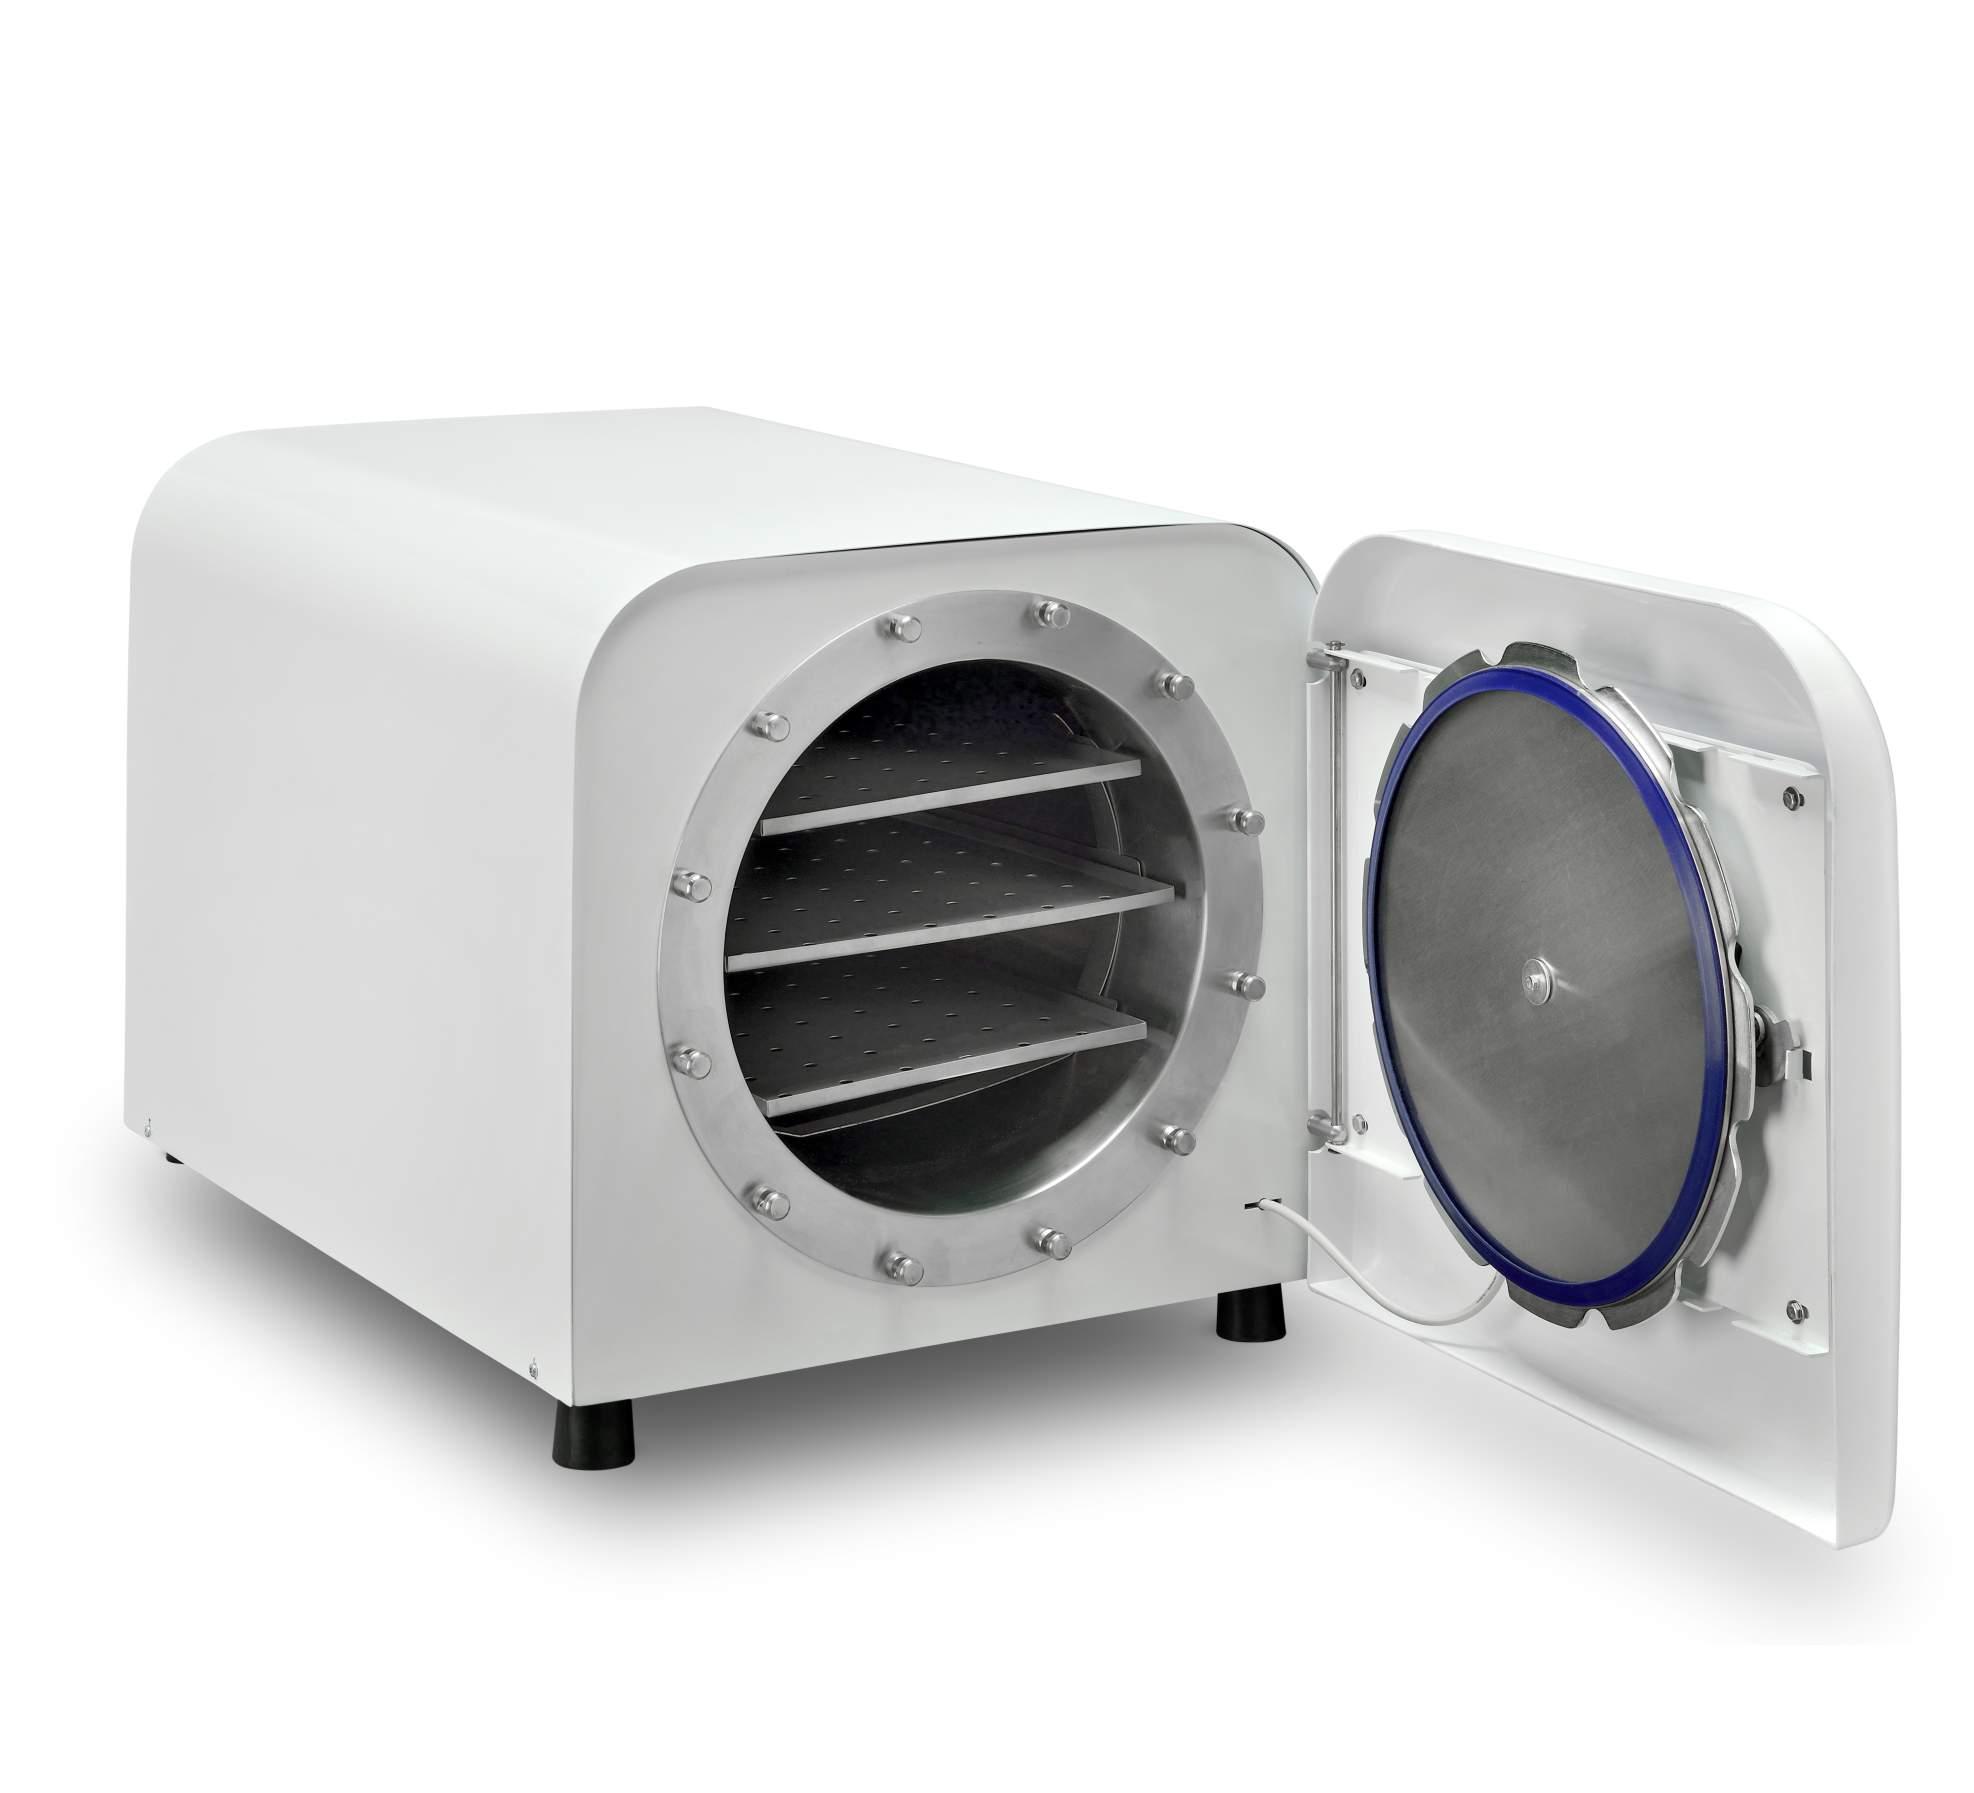 Autoclave 45 Litros EC45D ADVANCE